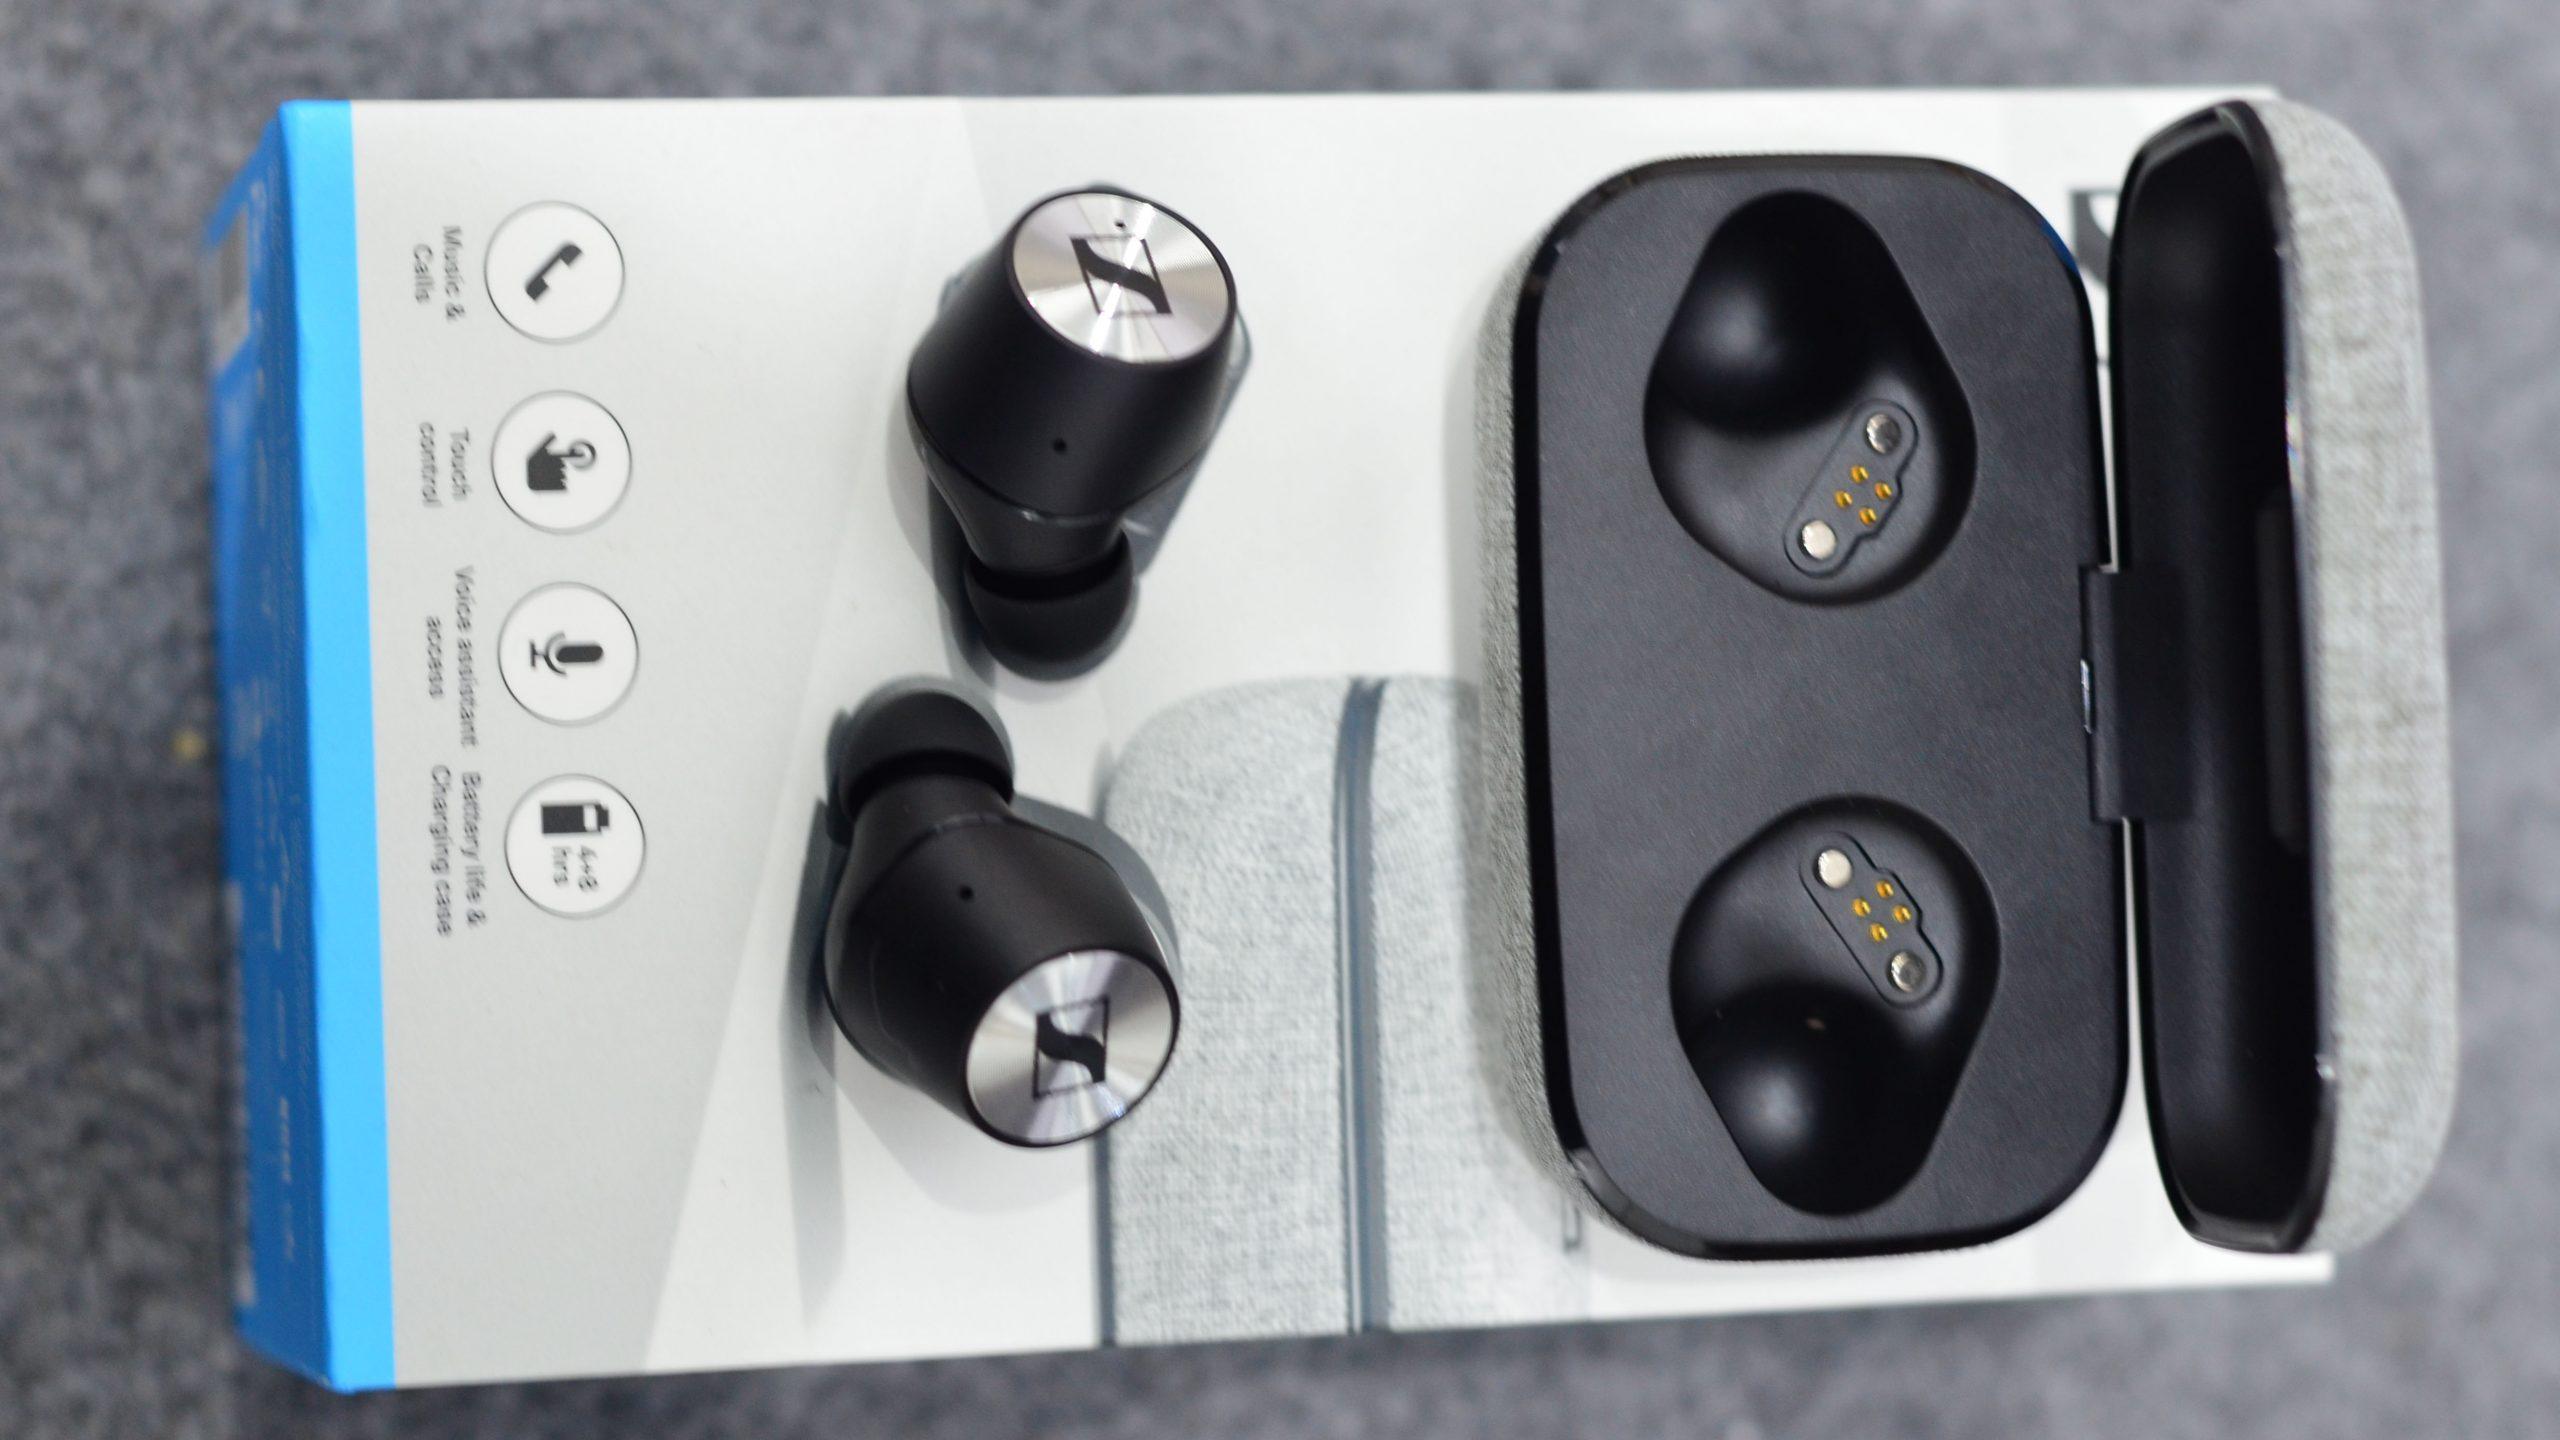 tai-nghe-sennheiser-momentum-true-wireless-likenew-2